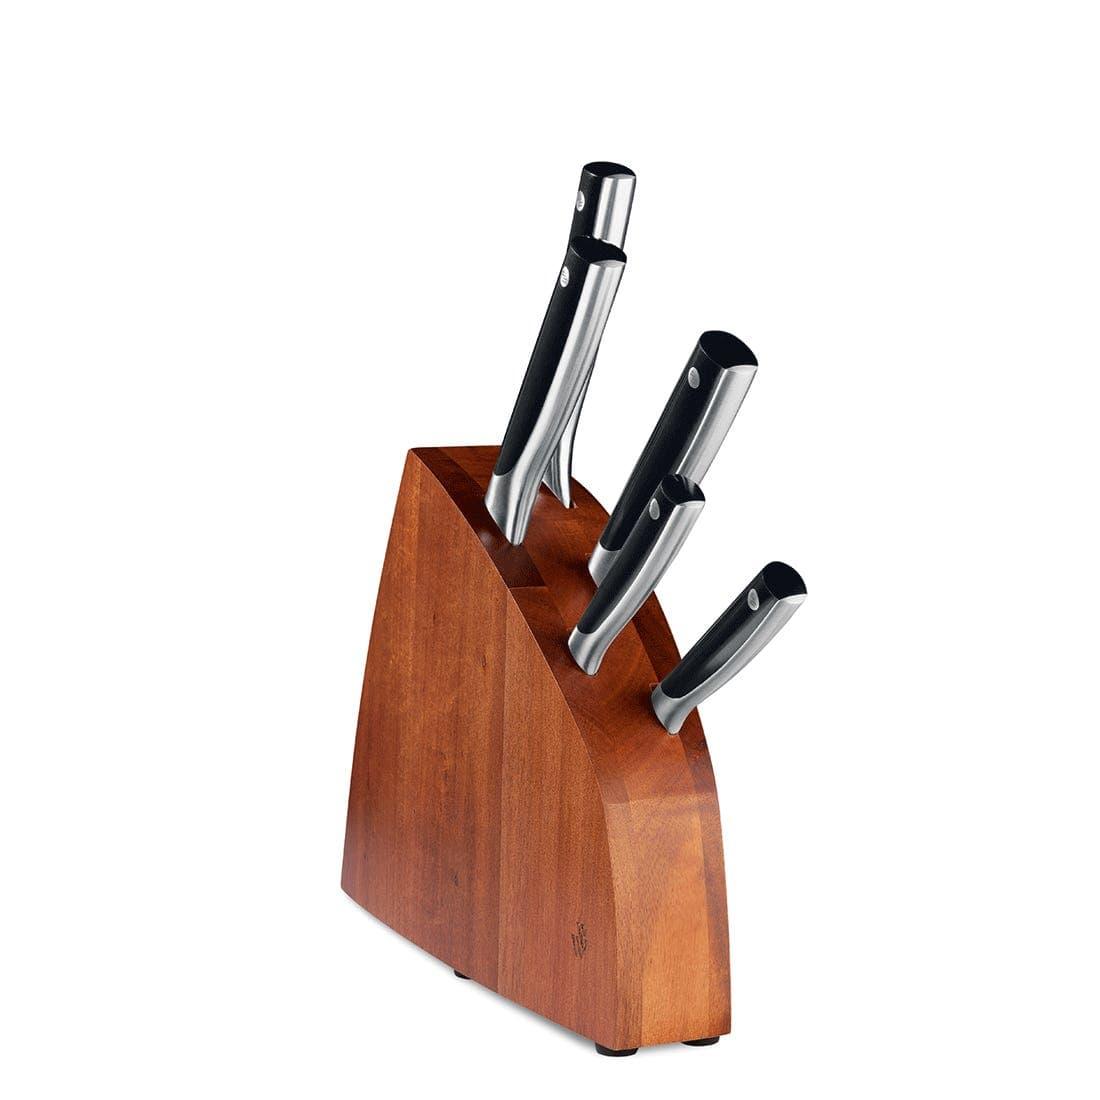 Paul Wirths Messerblock 5-teilig 0300 SOLID Material: 50CrMoV15, ABS